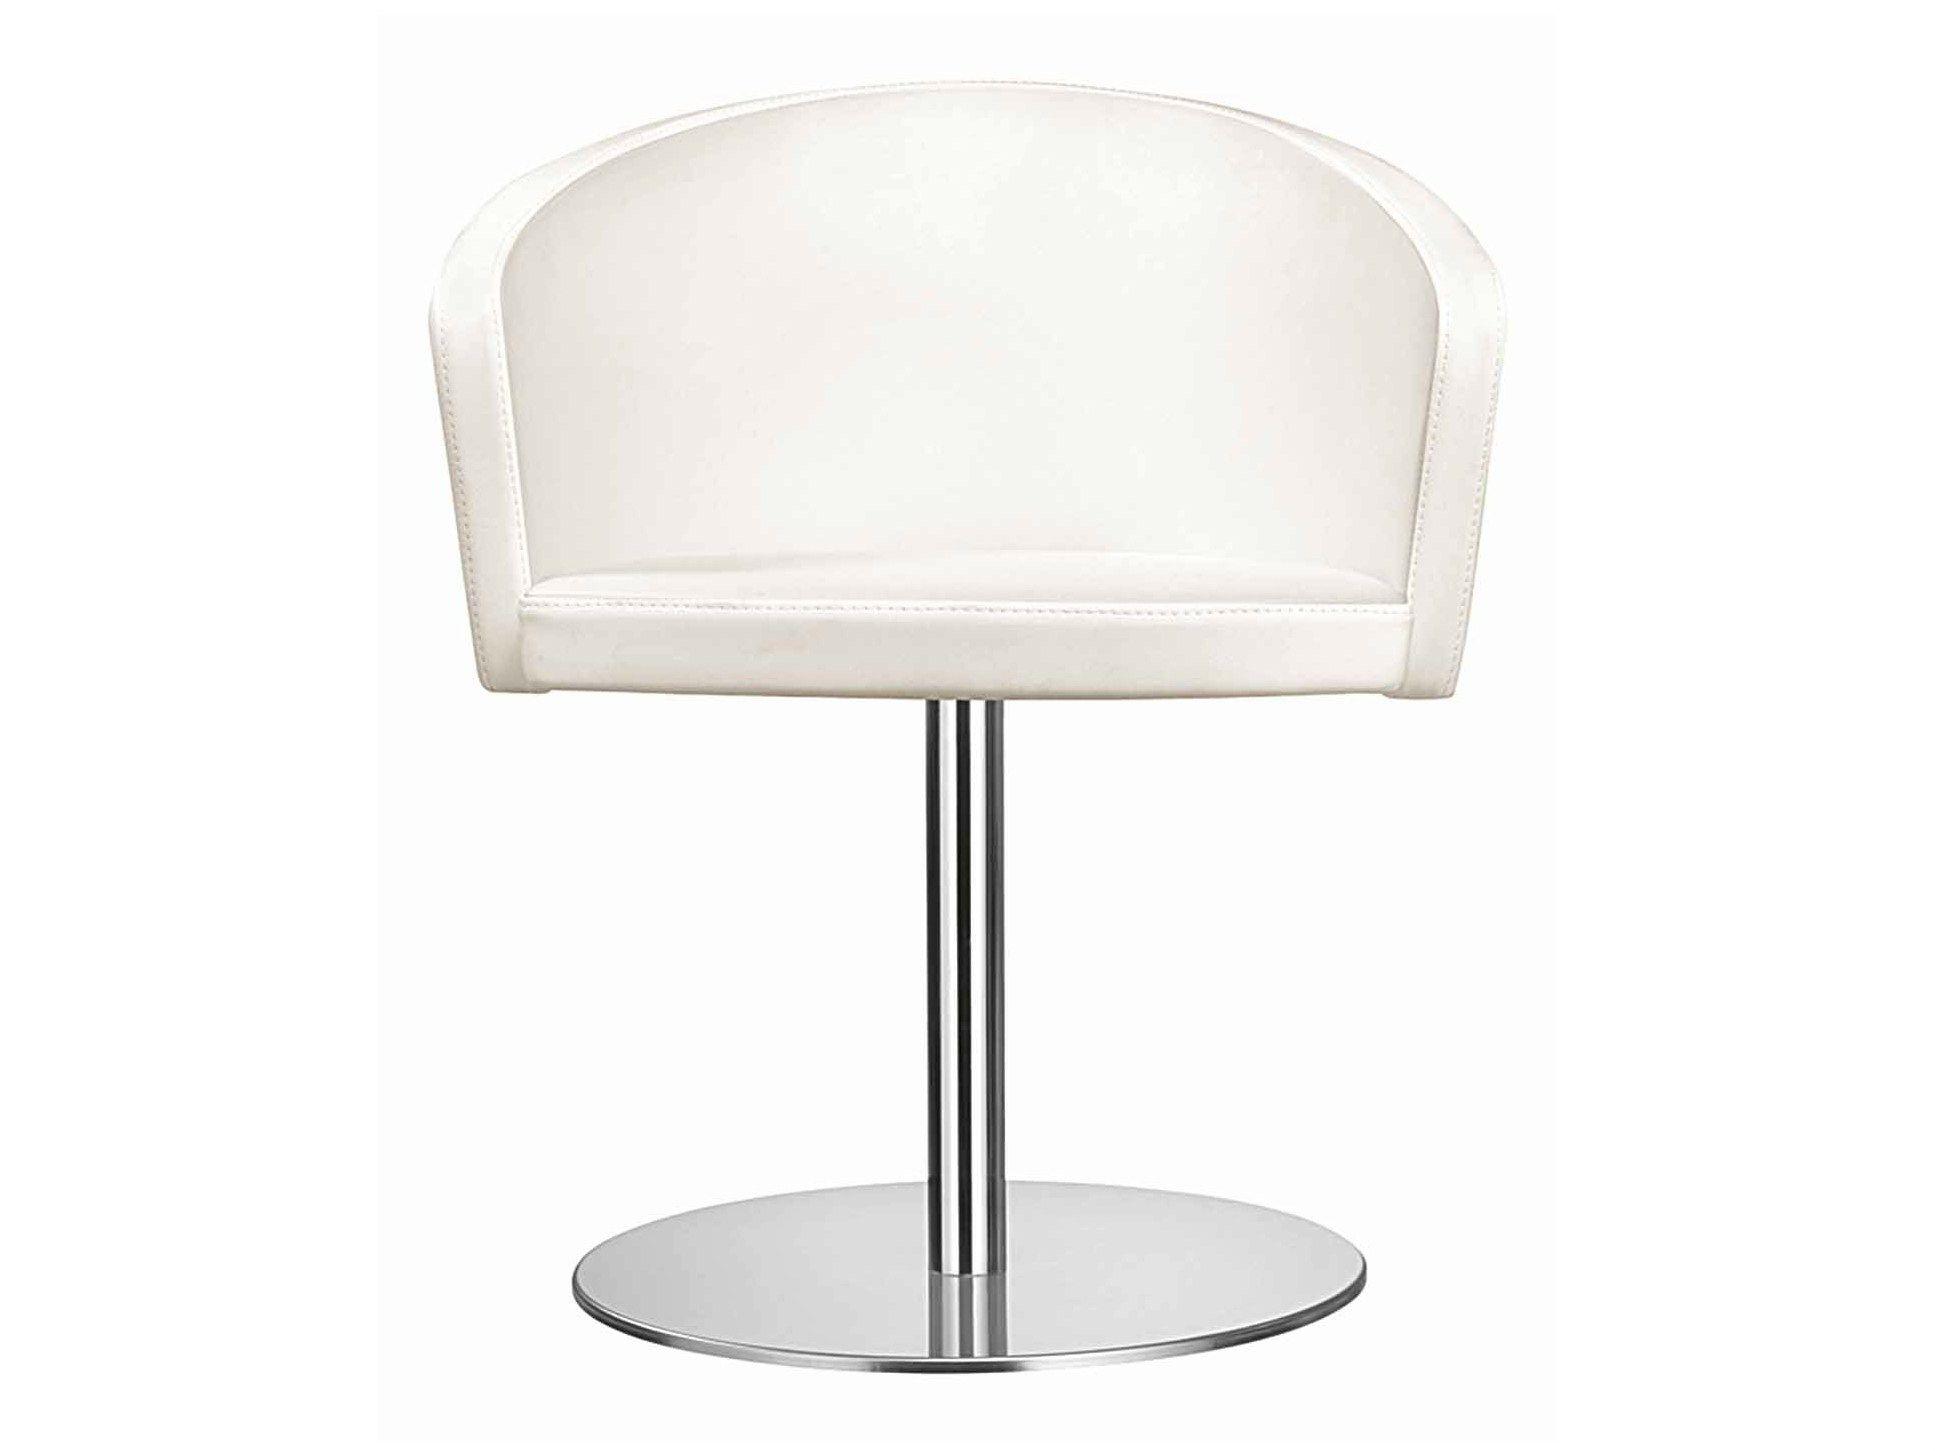 Kicca 019 by metalmobil design francesco geraci - Petit fauteuil pivotant ...